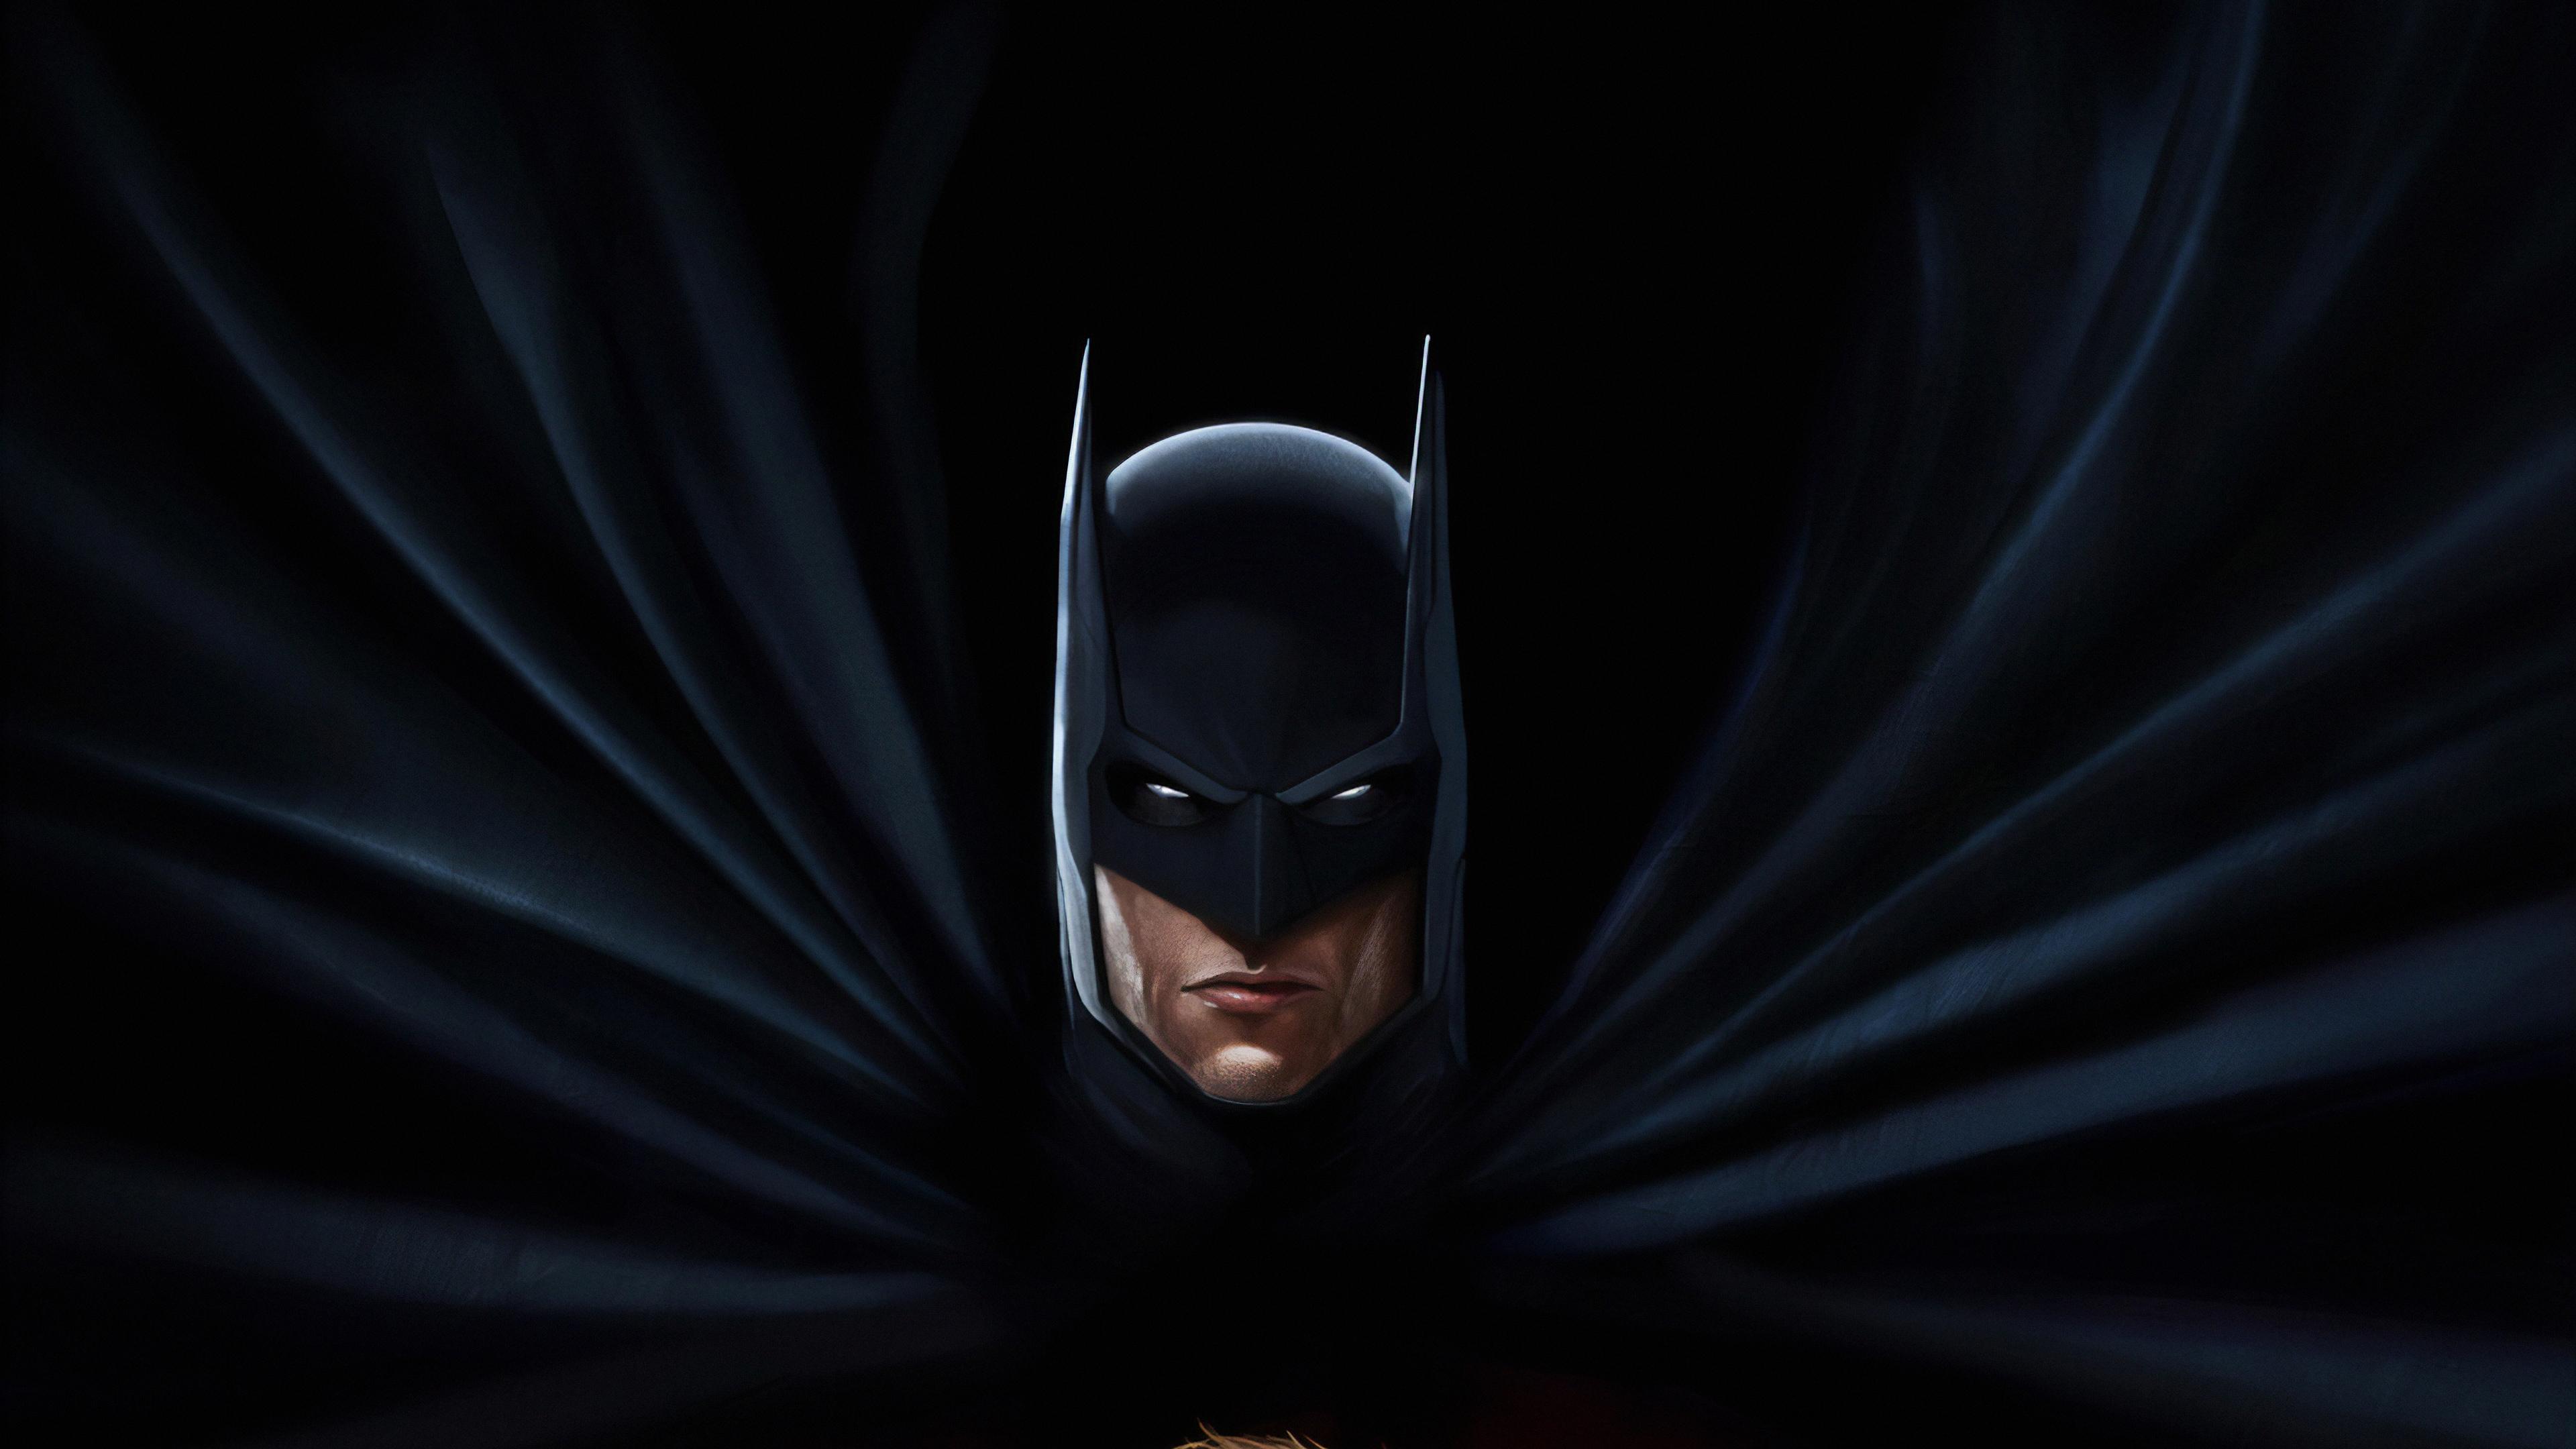 batman black cape 1572368498 - Batman Black Cape - superheroes wallpapers, hd-wallpapers, digital art wallpapers, deviantart wallpapers, batman wallpapers, artwork wallpapers, 4k-wallpapers